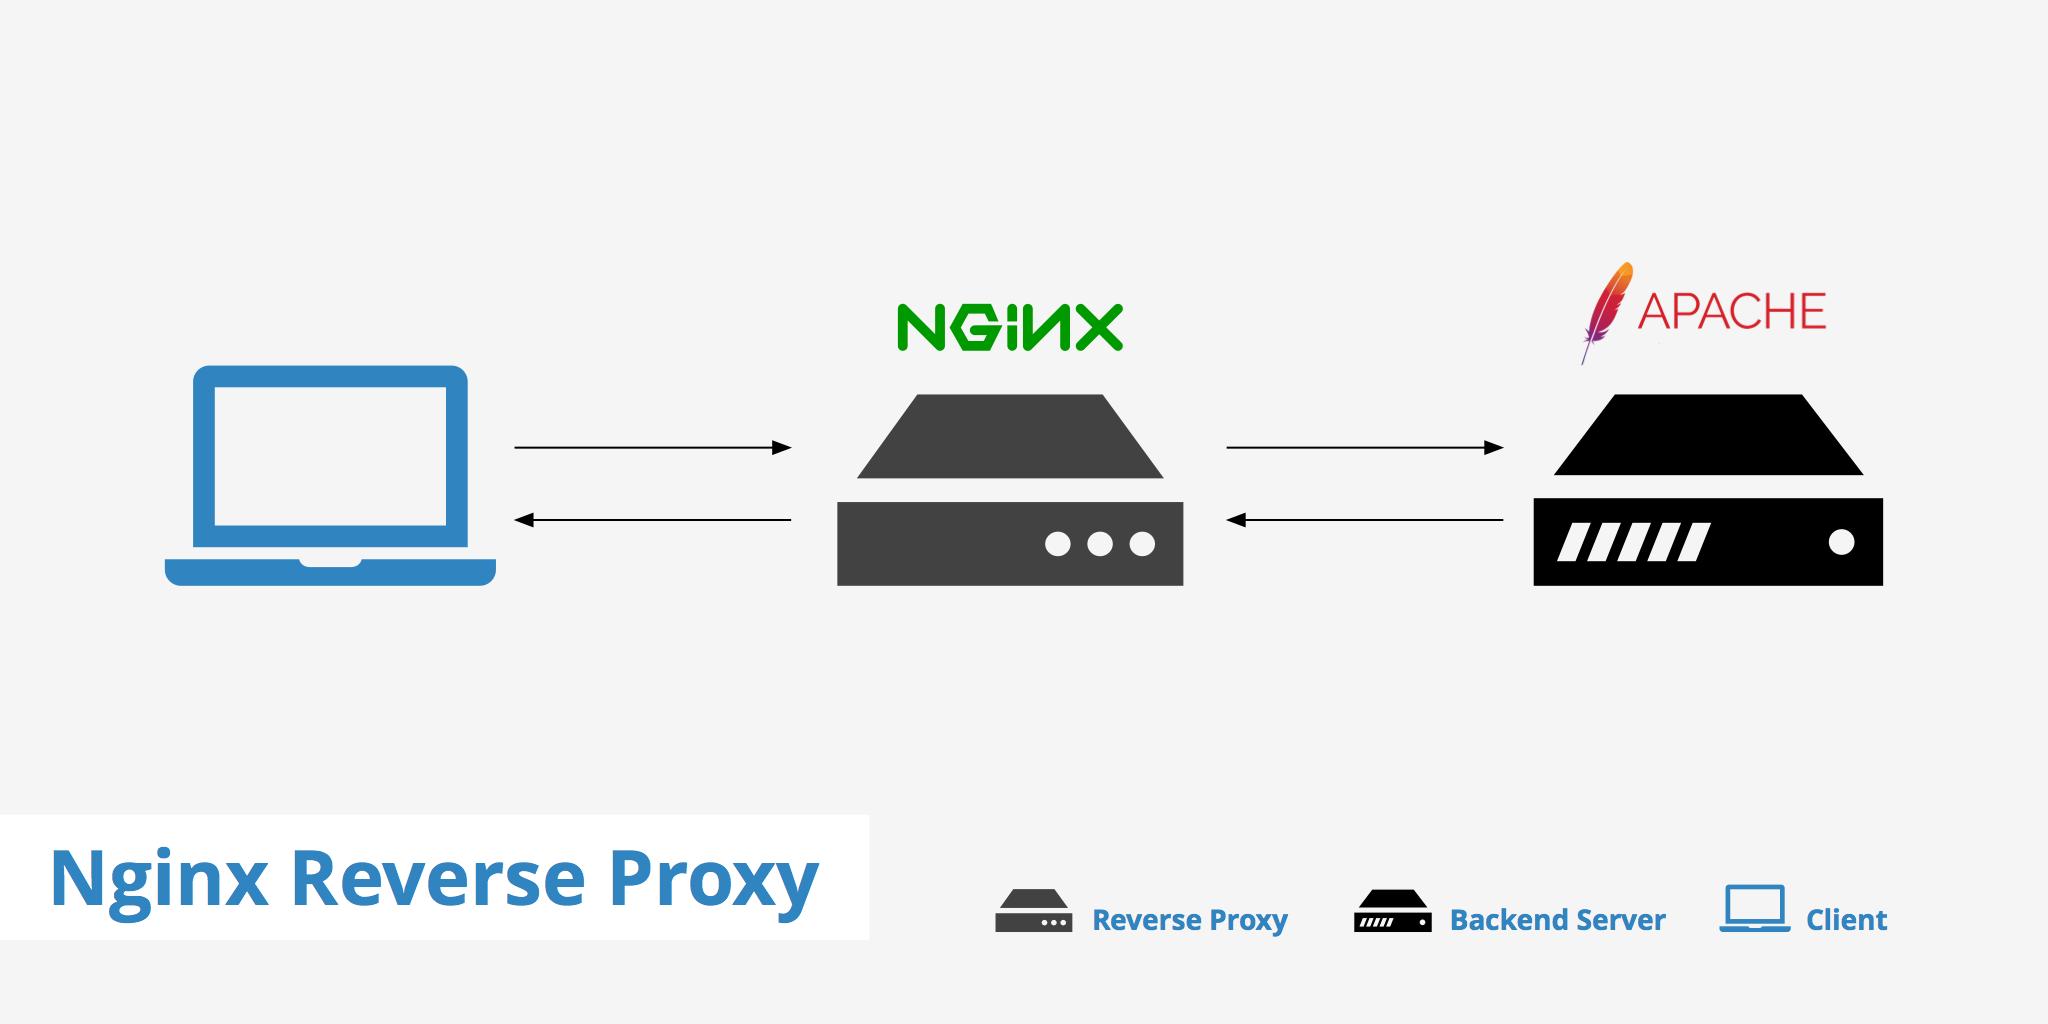 set-up-nginx-reverse-proxy-howto-linux-logo